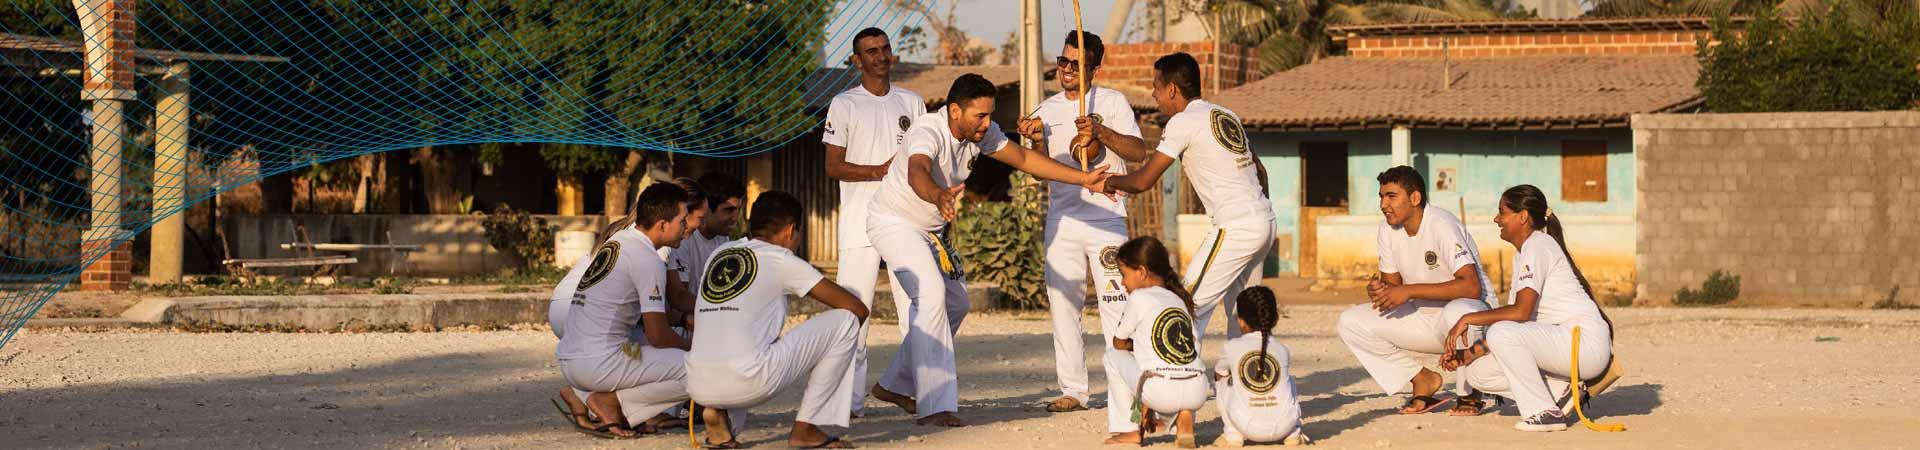 crianças, jovens e adultos praticam capoeira em uma roda